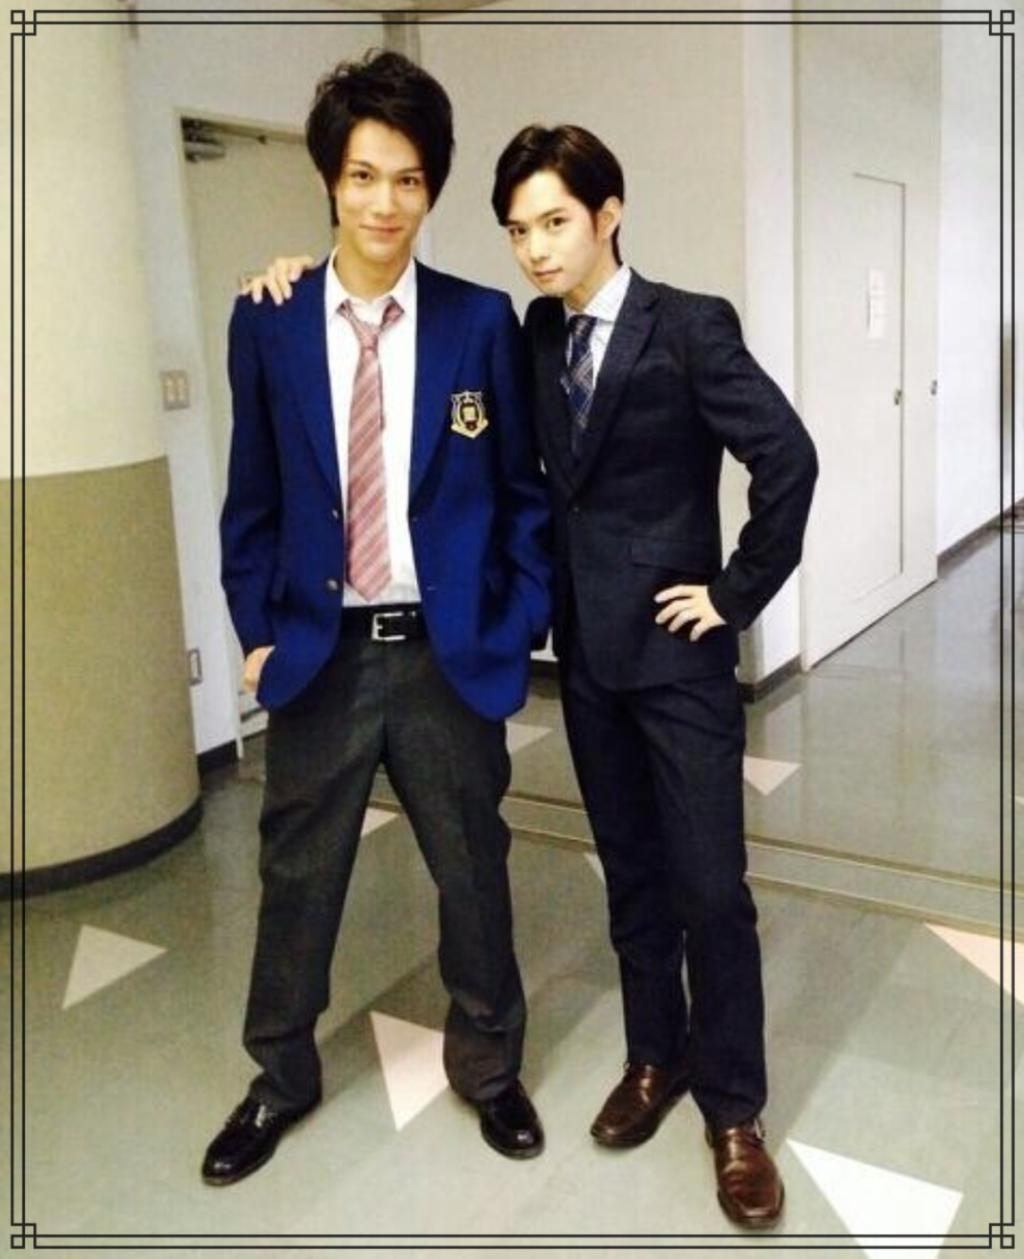 中川大志さんと千葉雄大さんの画像